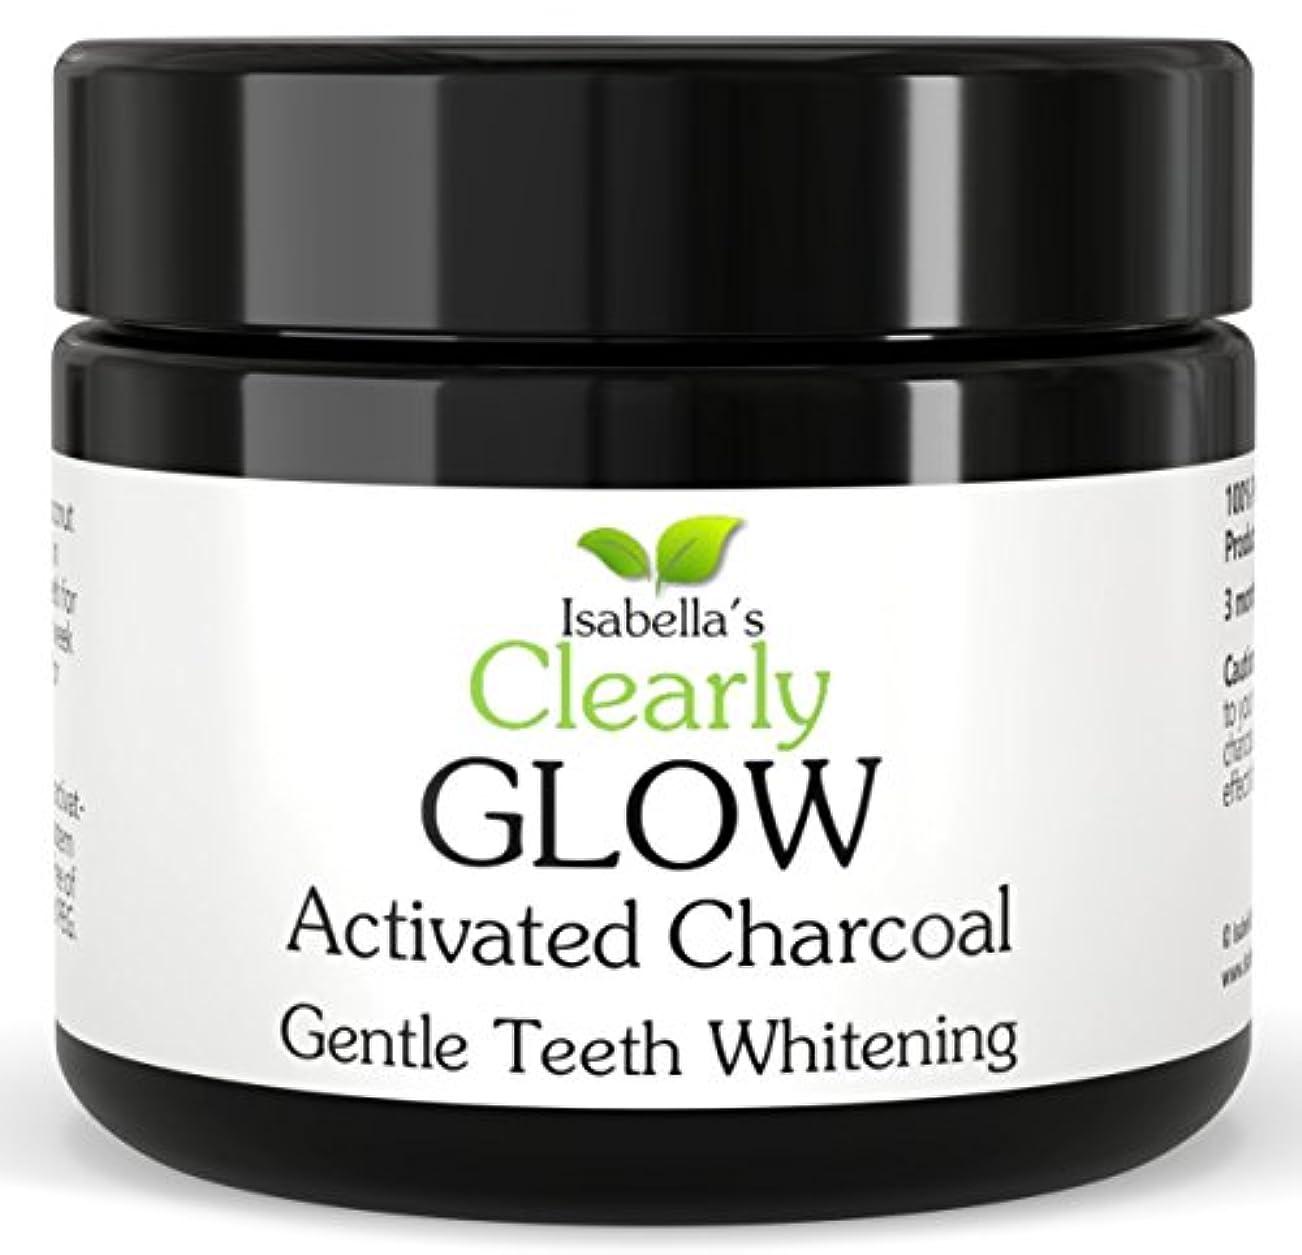 の頭の上フィットラリーベルモントIsabella's Clearly 活性炭+ストリップ、漂白剤、練り歯磨きよりも優れたソフト竹歯ブラシを歯ホワイトニンググロー 20グラム(3ヶ月の供給)+竹歯ブラシ